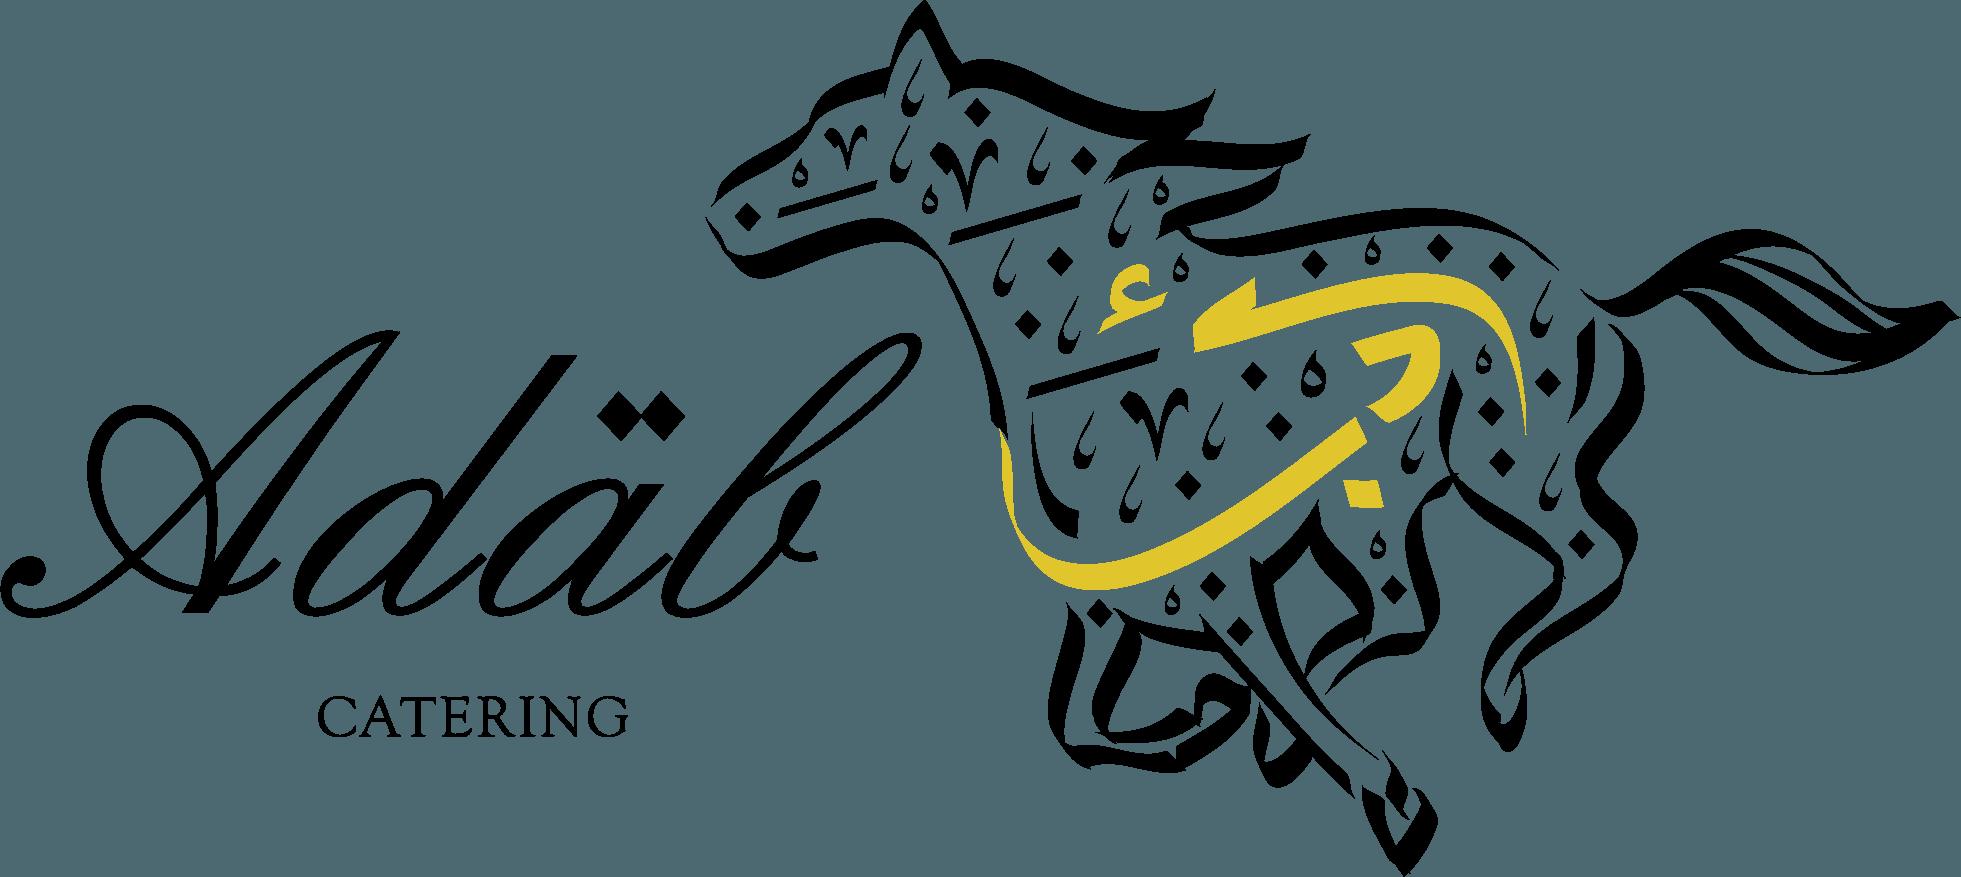 Adab Catering